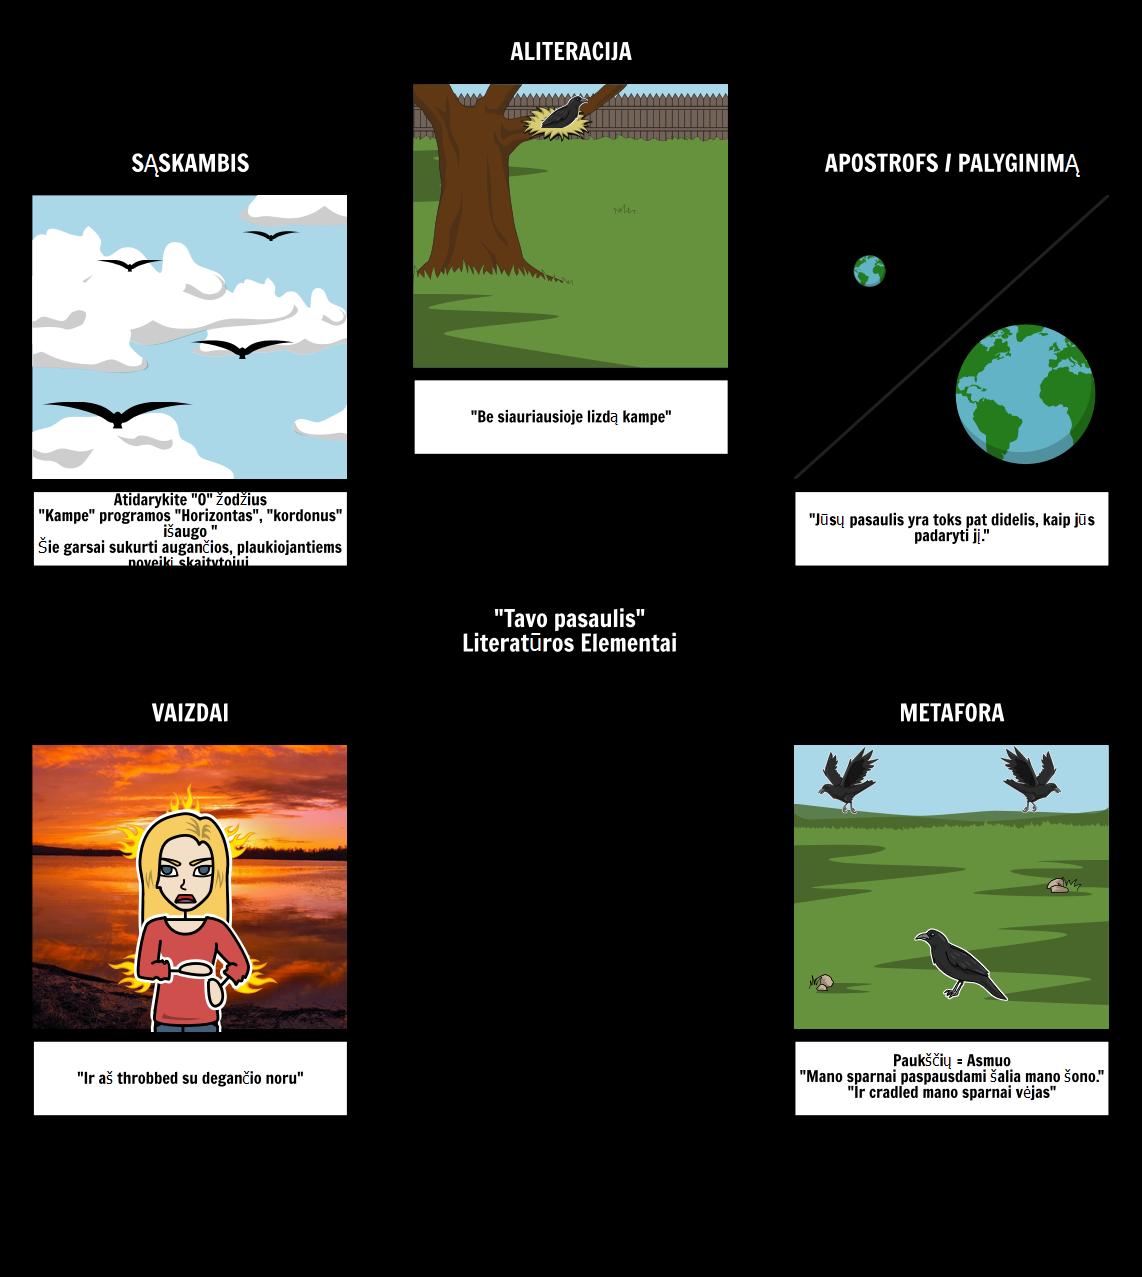 Tavo Pasaulis - Literatūros Elementai